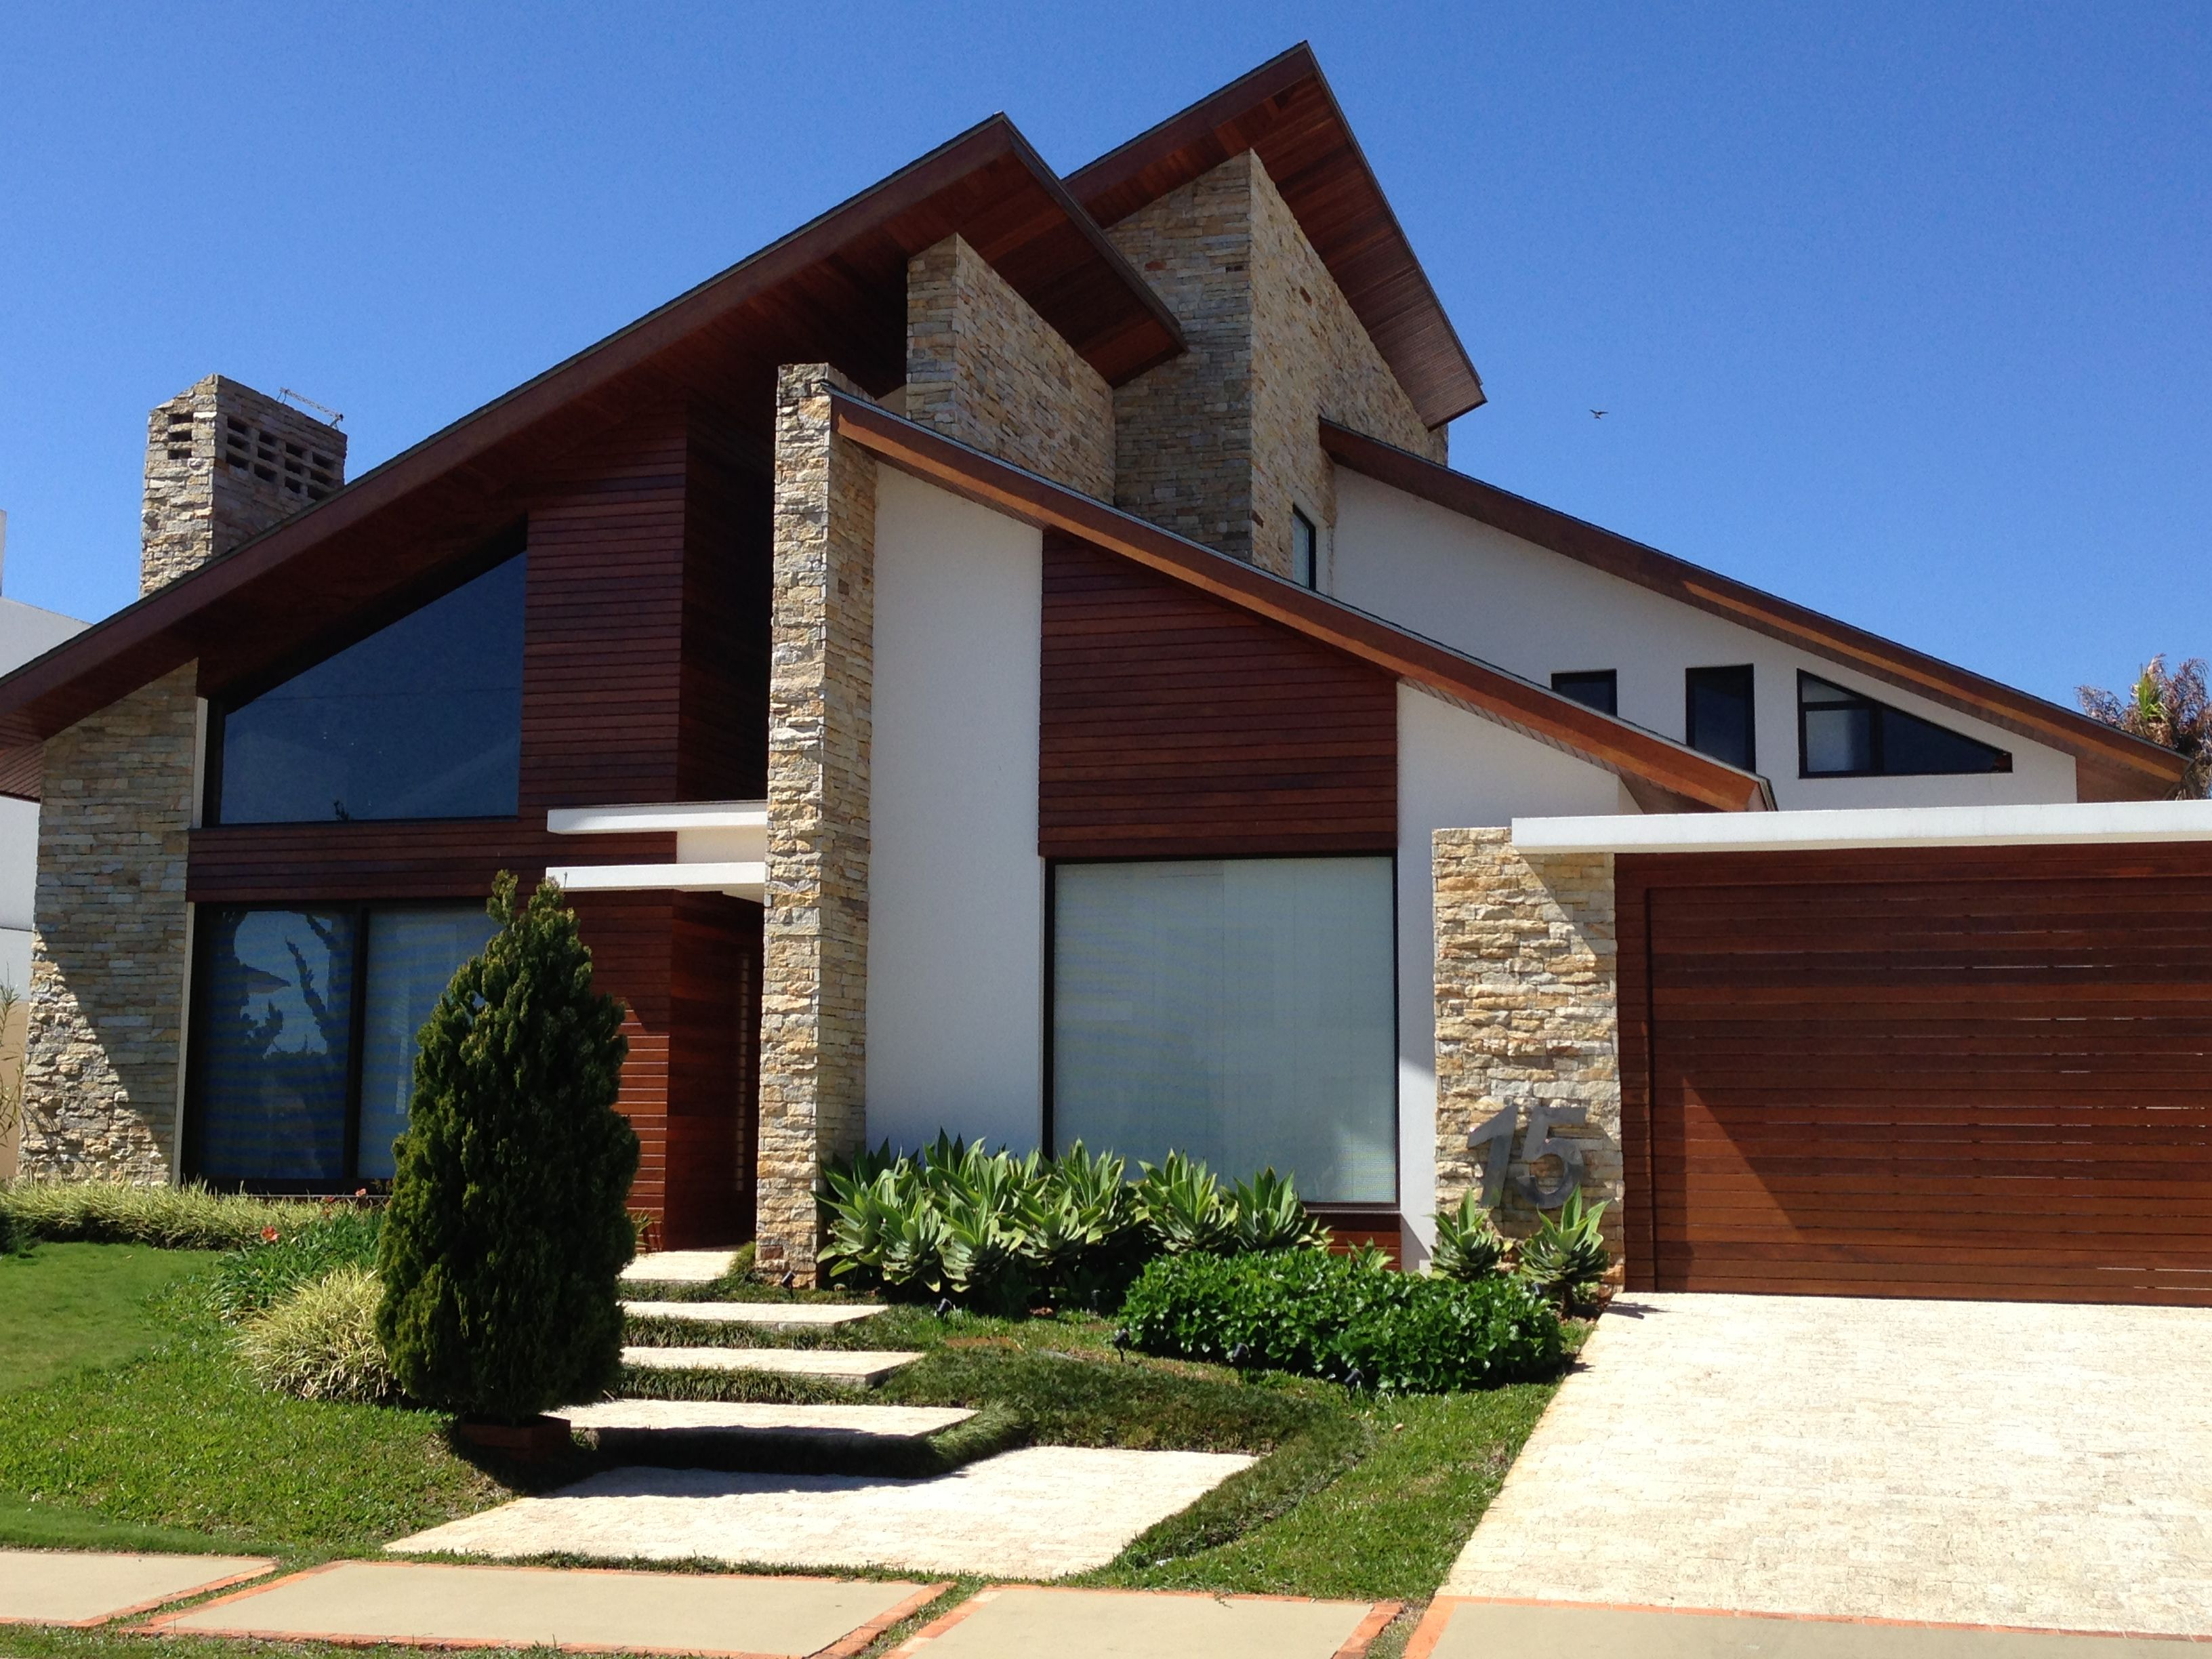 Fachadas de casas rusticas modernas pesquisa google for Fachadas de casas de 3 pisos modernas